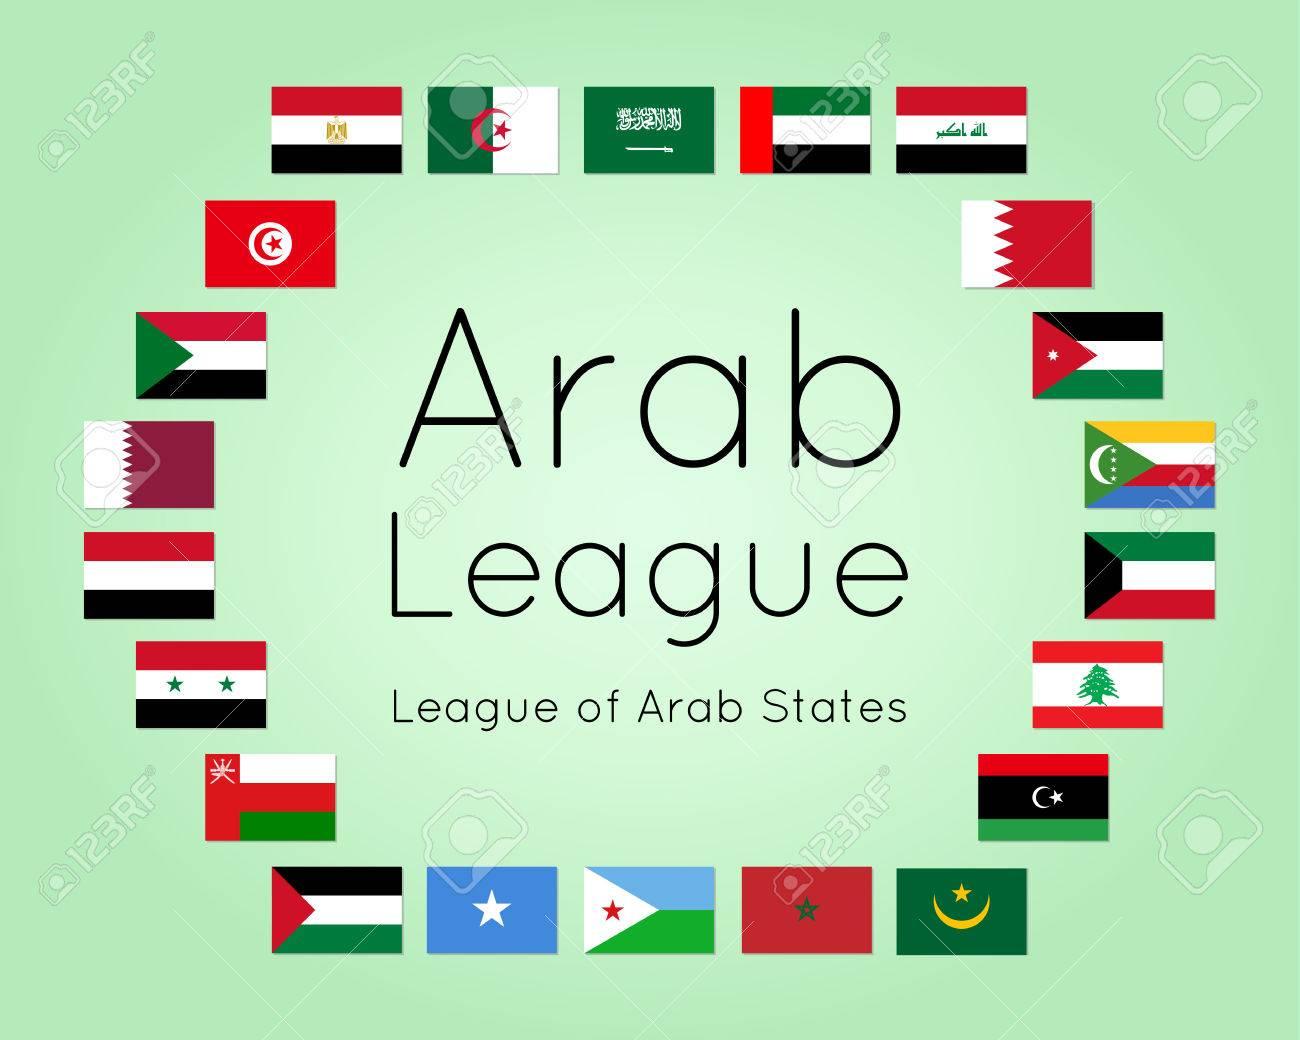 دولتان عربيتان من بين أسوأ الوجهات عالميا